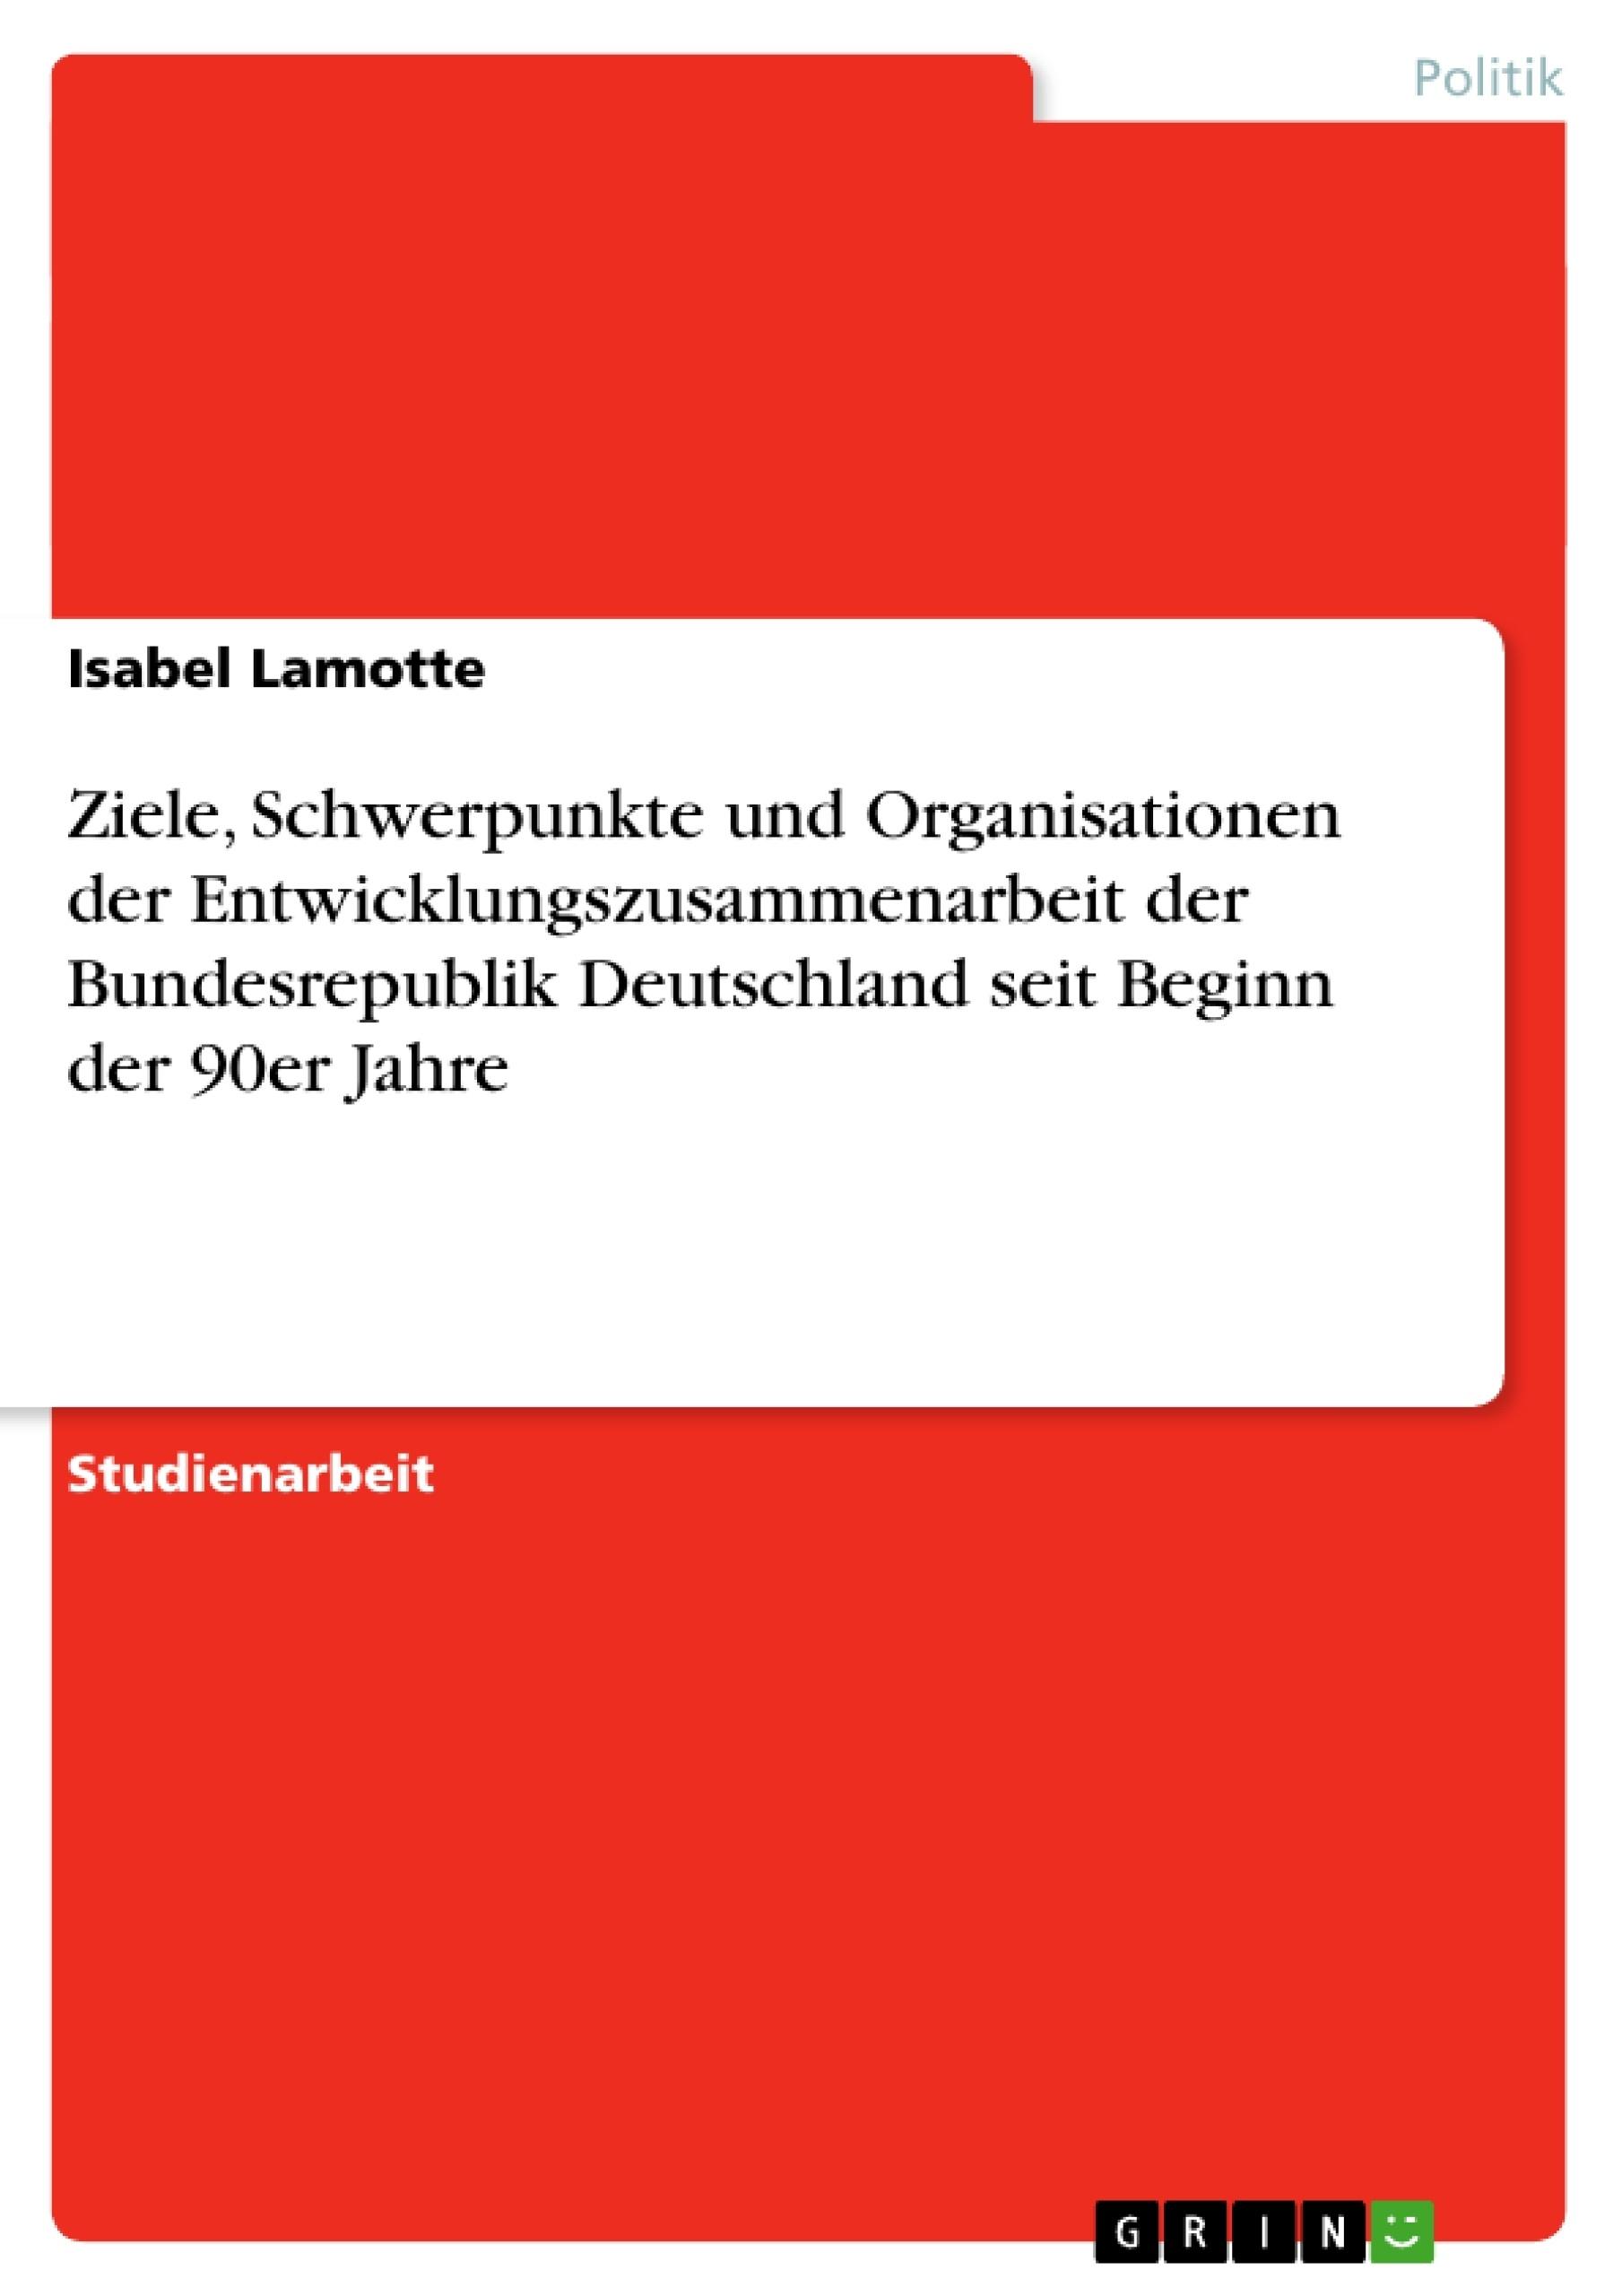 Titel: Ziele, Schwerpunkte und Organisationen der Entwicklungszusammenarbeit der Bundesrepublik Deutschland seit Beginn der 90er Jahre